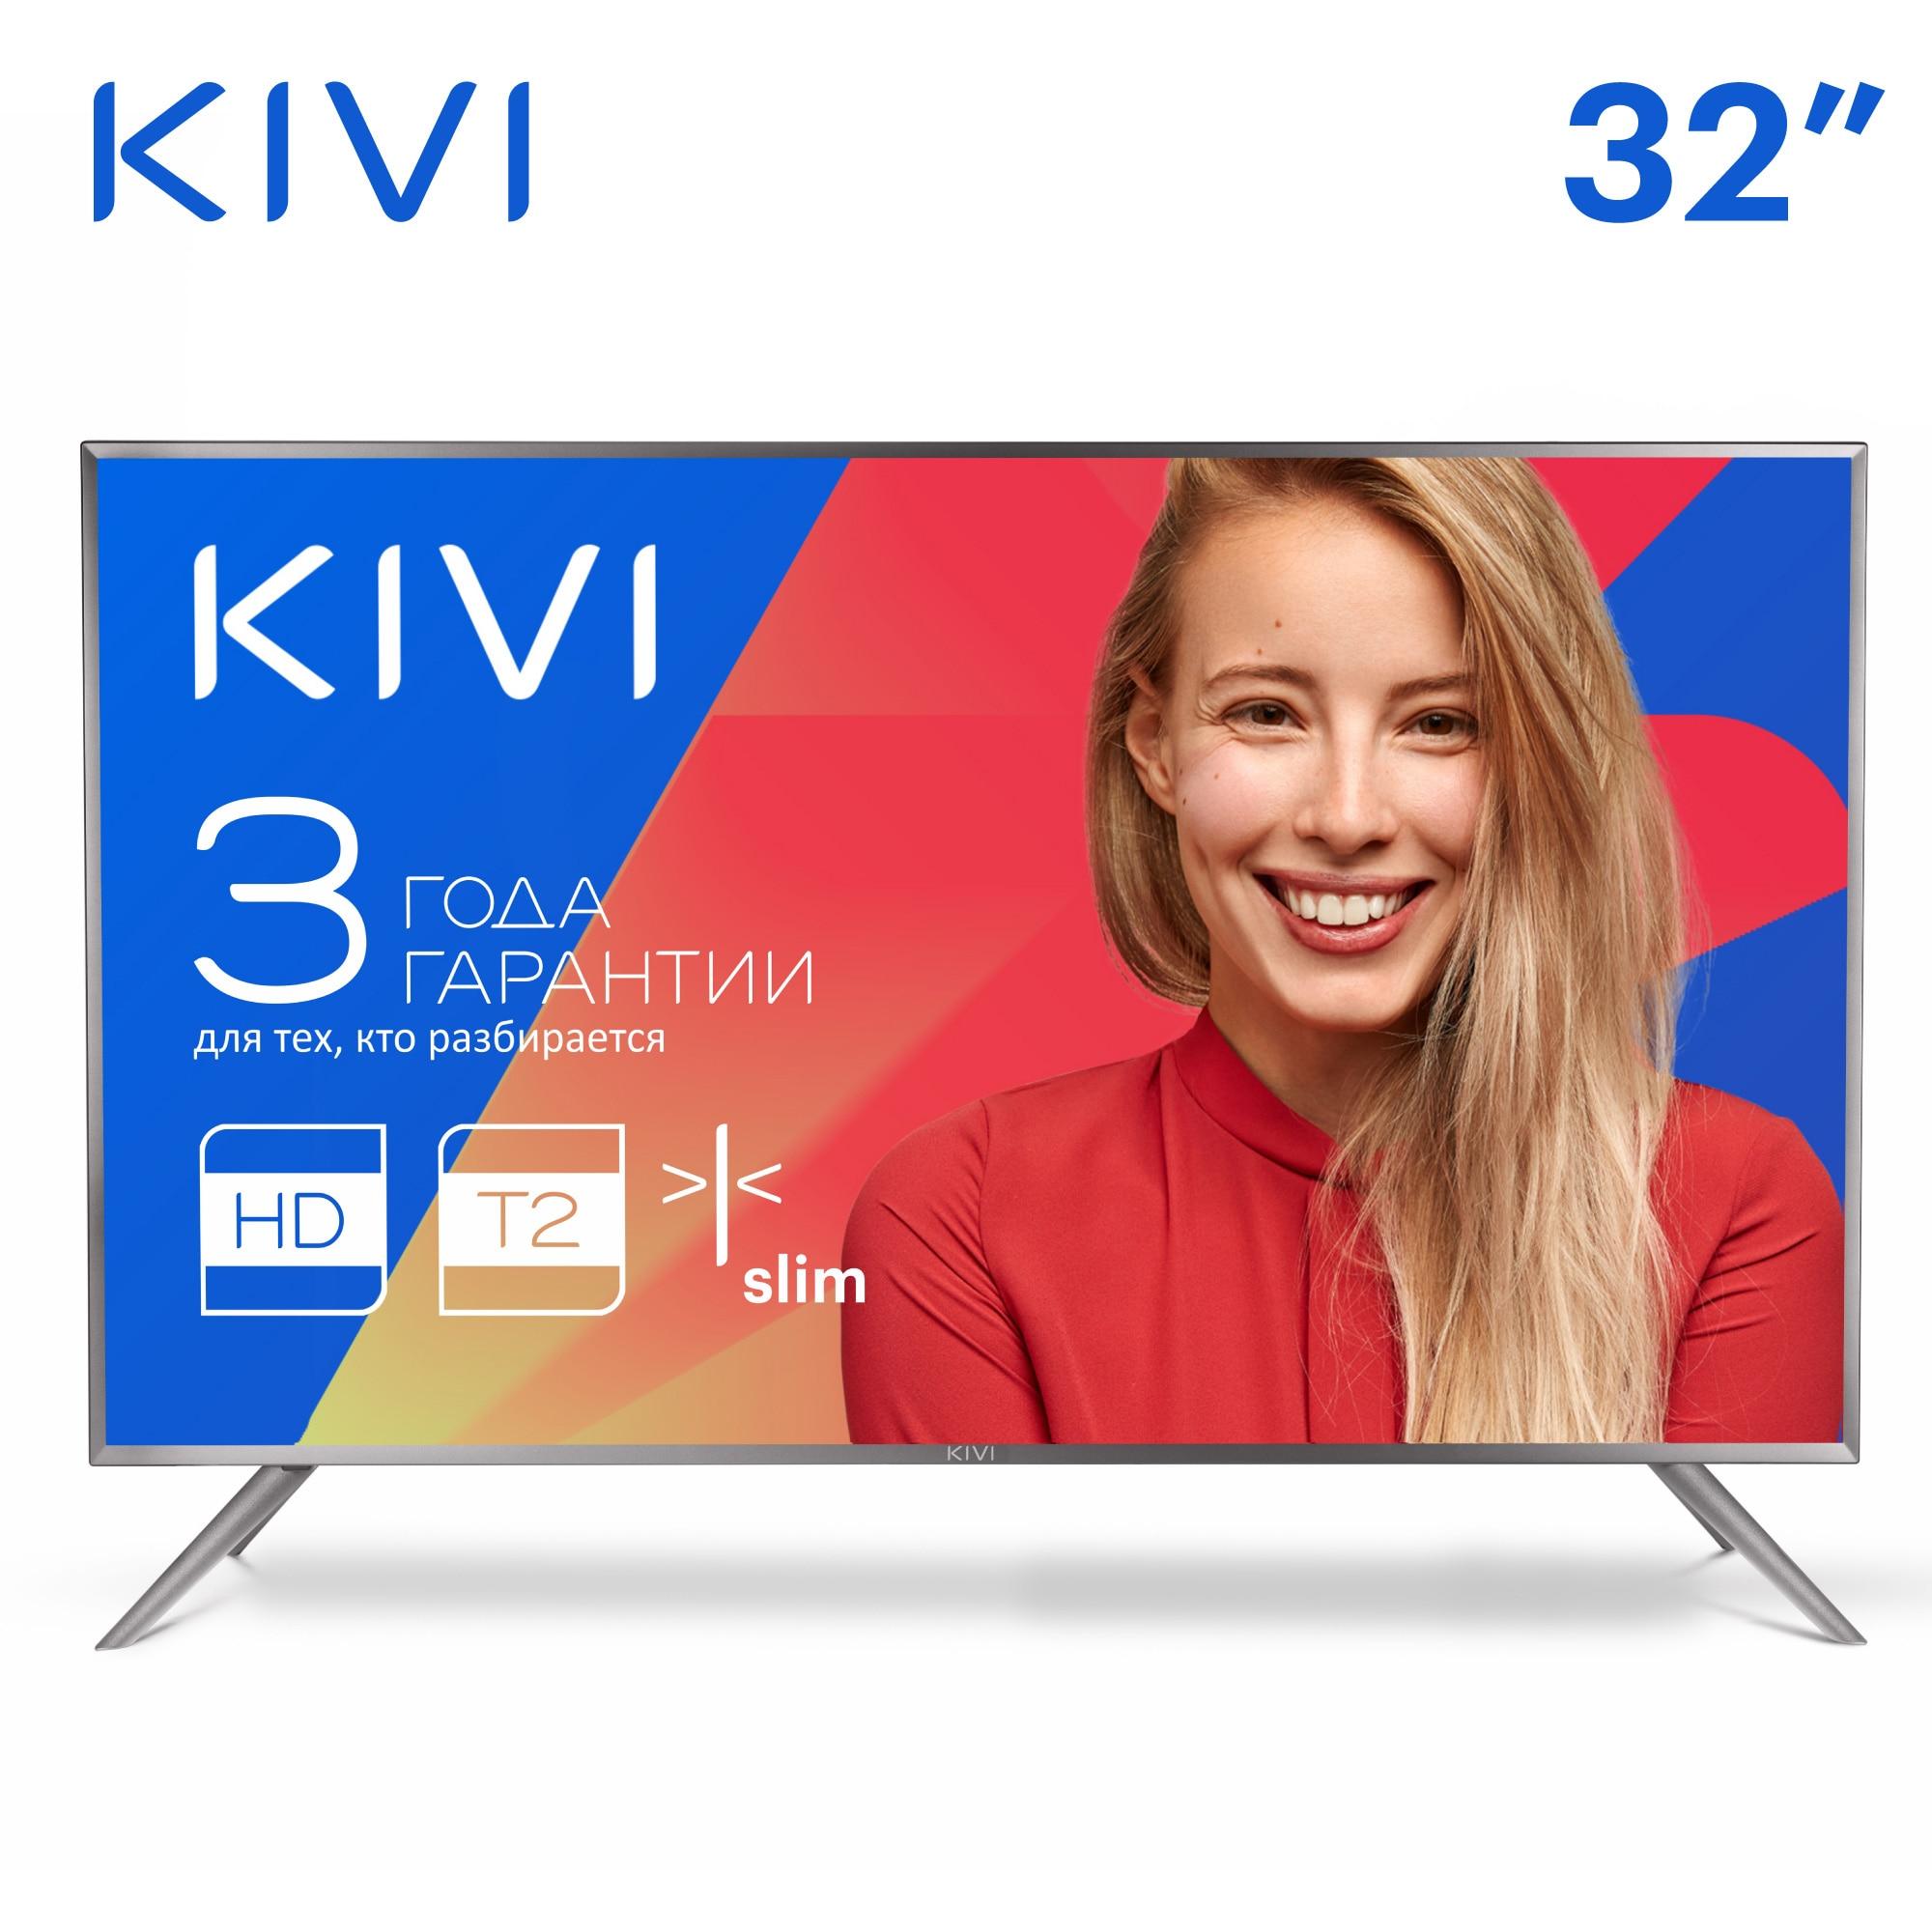 Televisão led kivi 32hb50gr hd tv 32 inchtv digital dvb dvb-t dvb-t2